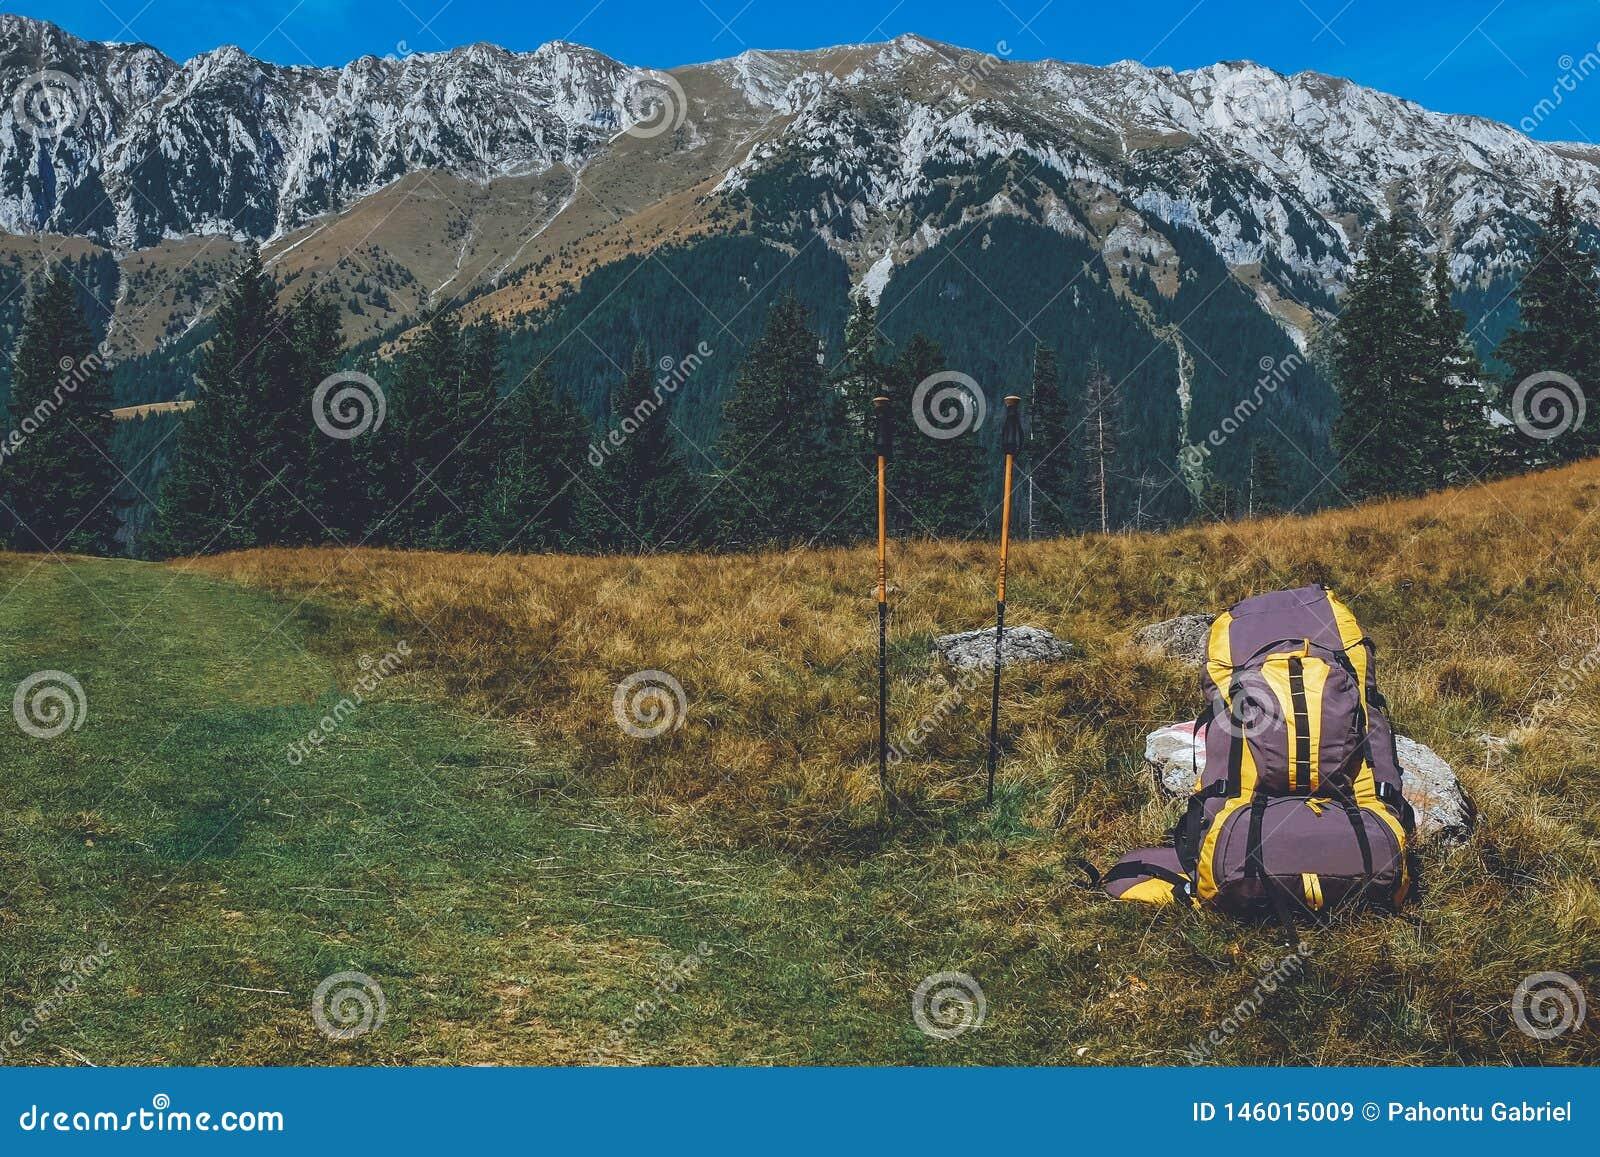 Mochila y bastones en rastro de montaña